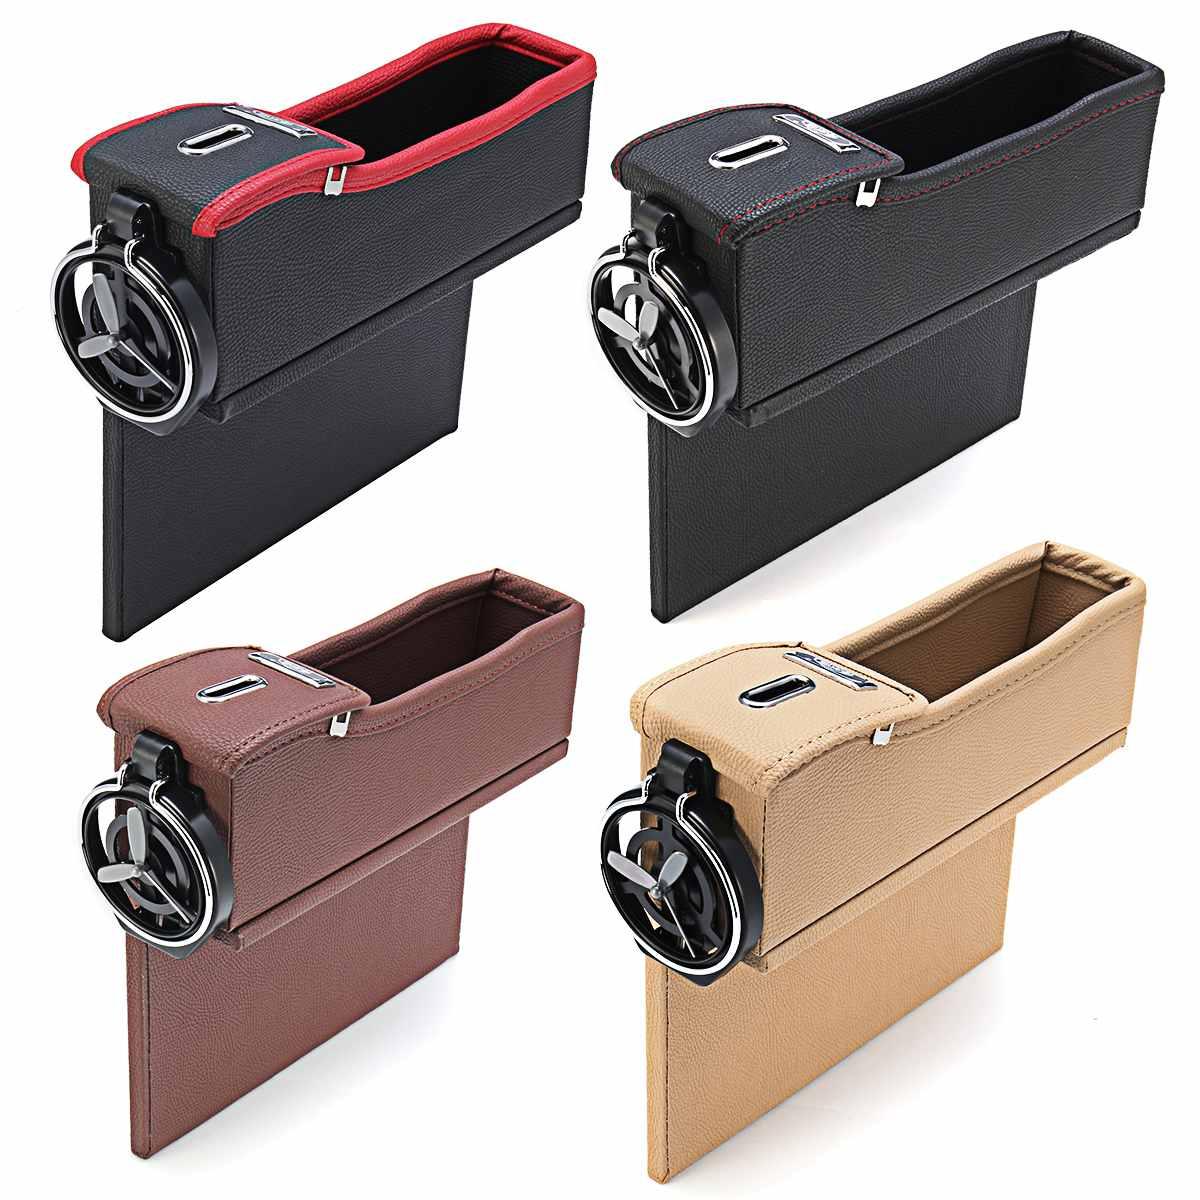 Siège auto cuir Crevice sac de rangement boite a fric Pot porte-boisson siege auto organiseur de poche boite de rangement interieur voiture cale téléphone